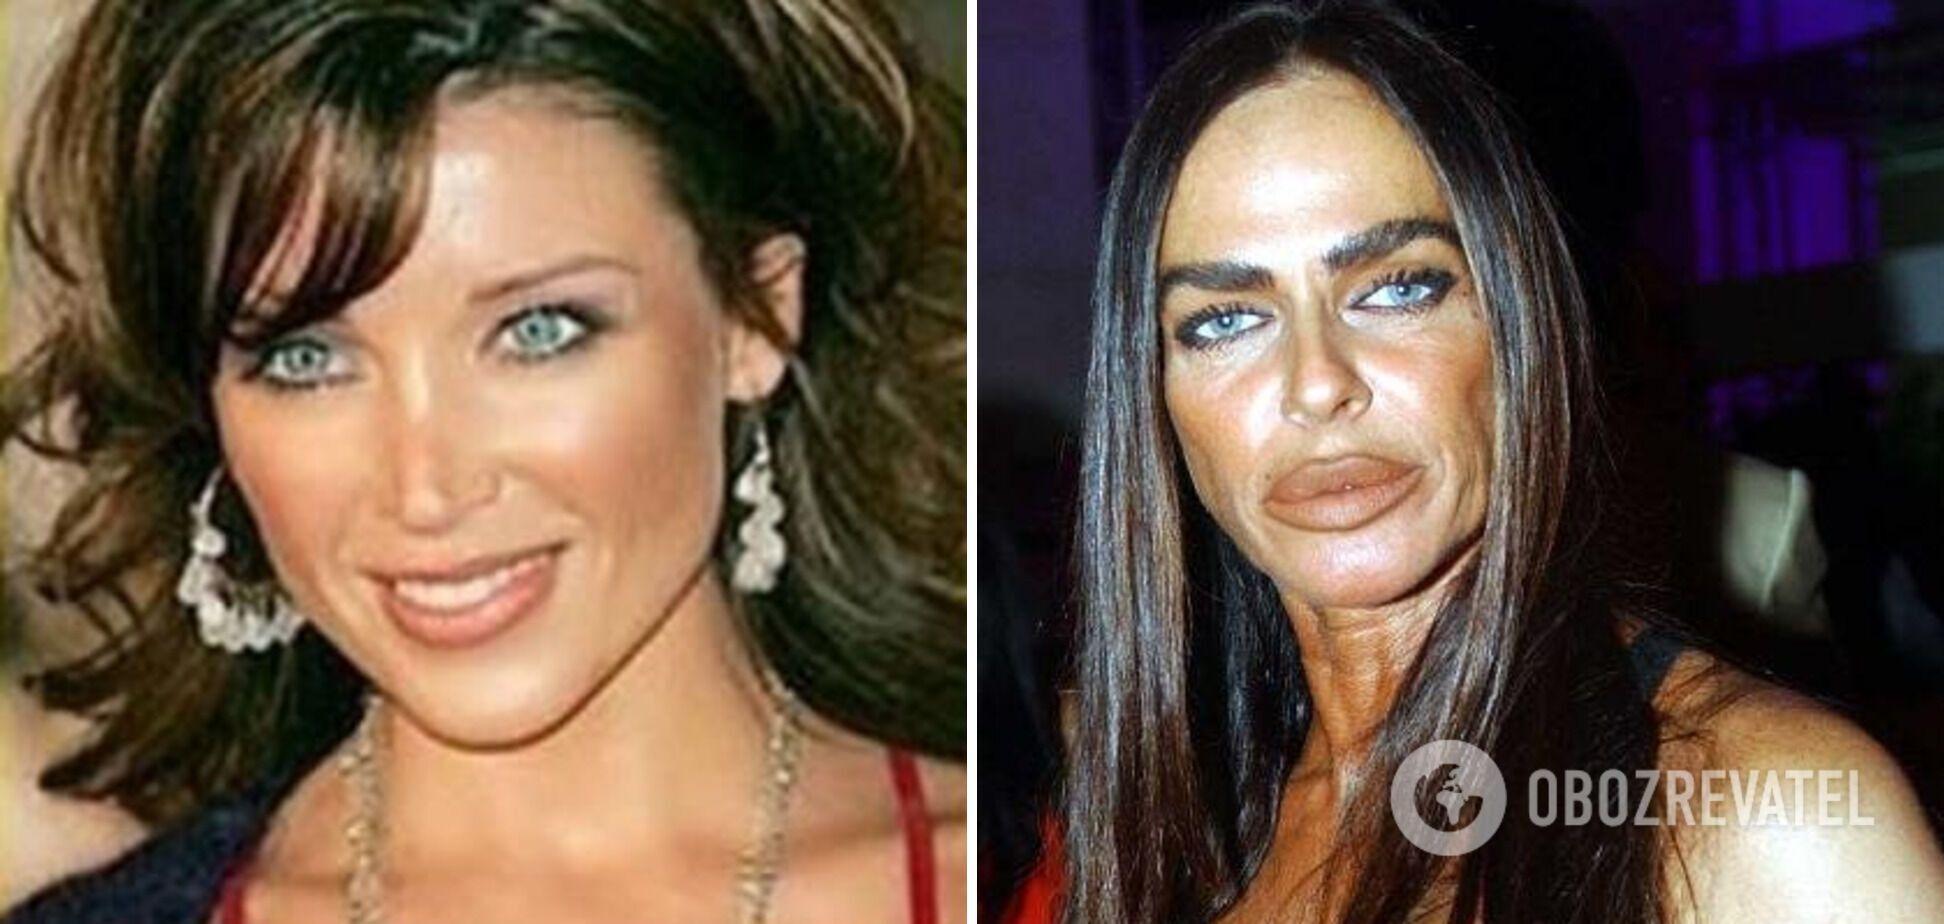 Мікаела Романіні знівечила своє обличчя невдалою пластикою.